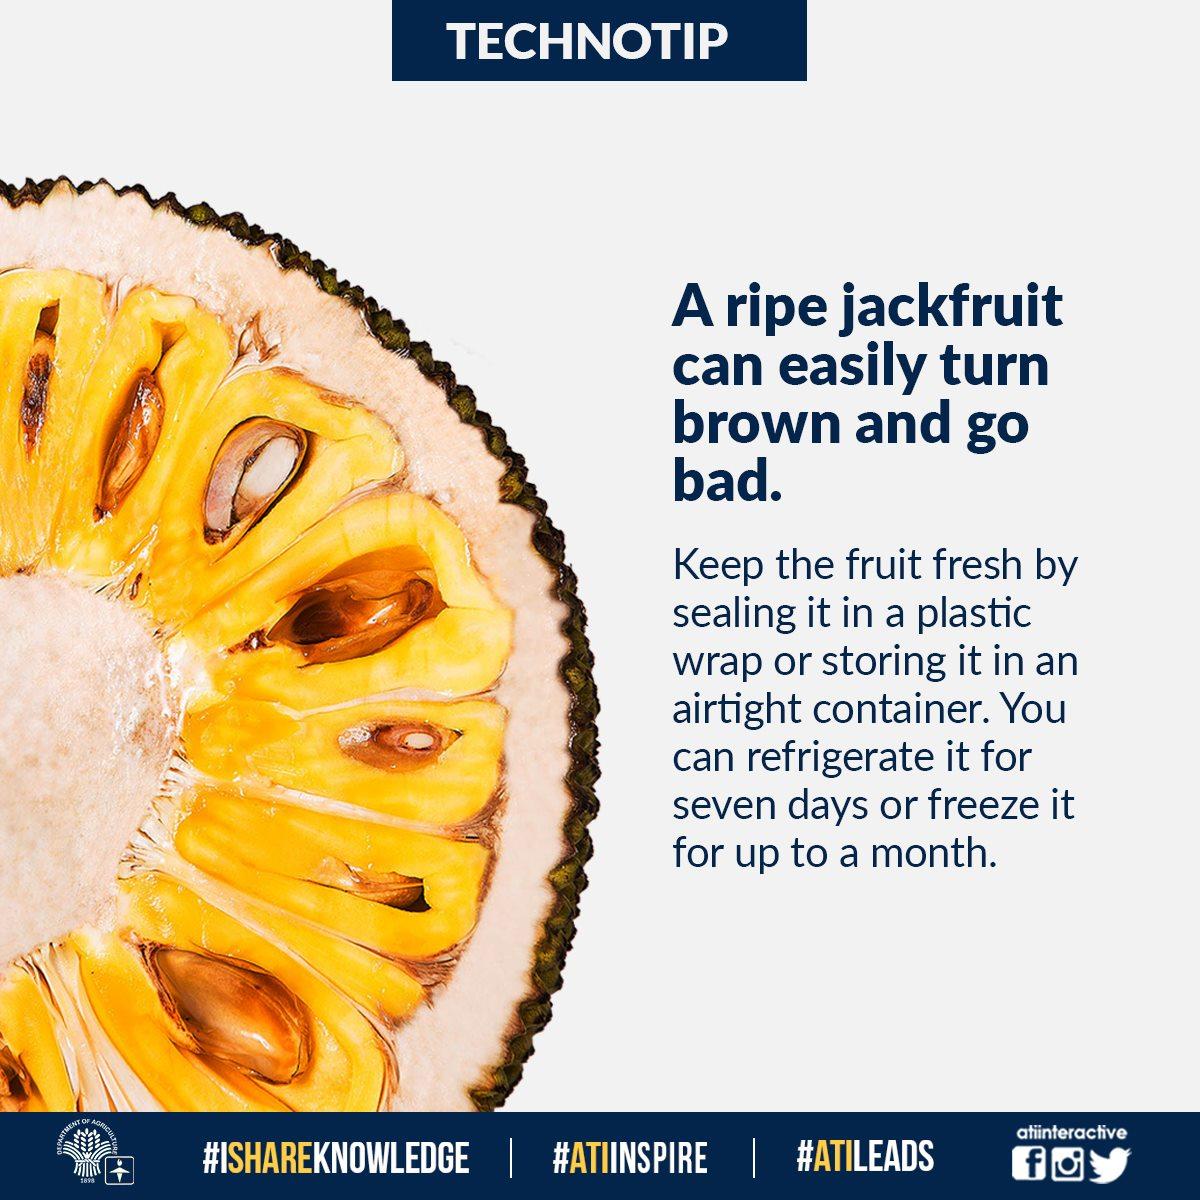 ripe jackfruit technotip